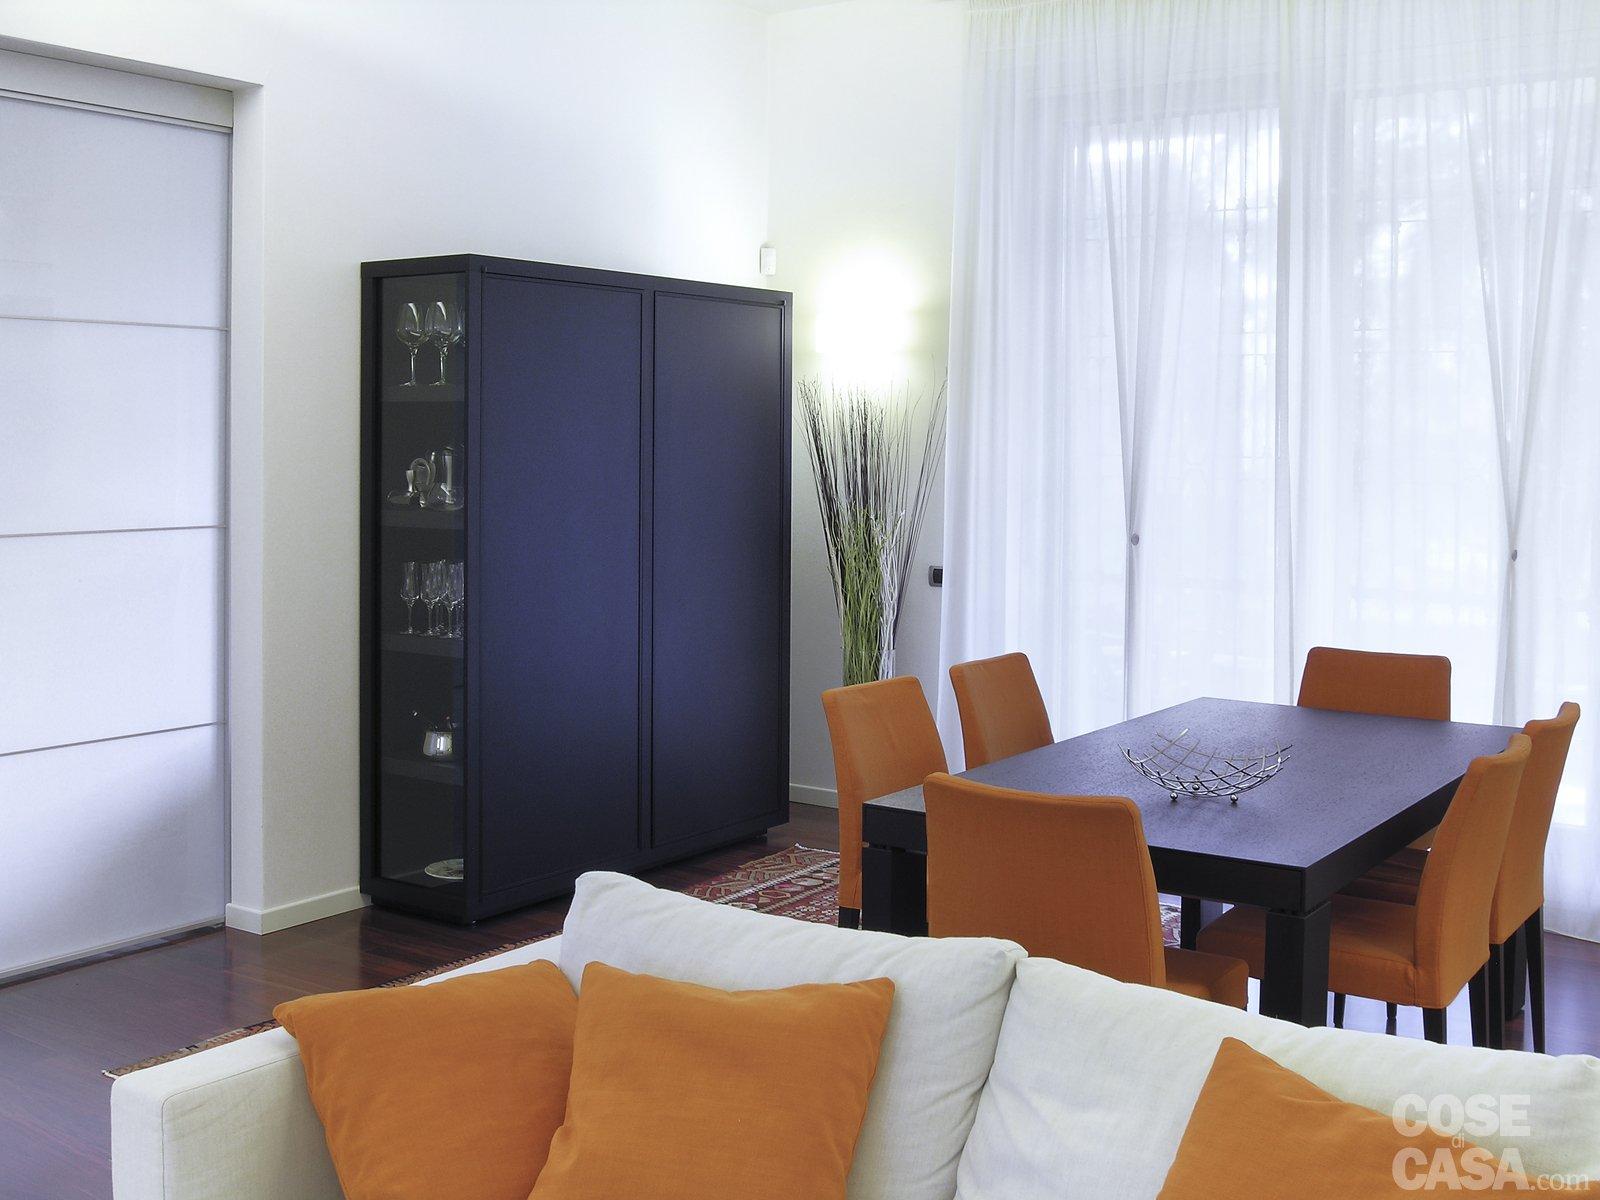 Una Casa Con Tante Idee Da Copiare Cose Di Casa #966335 1600 1200 Come Arredare Una Stanza Da Pranzo